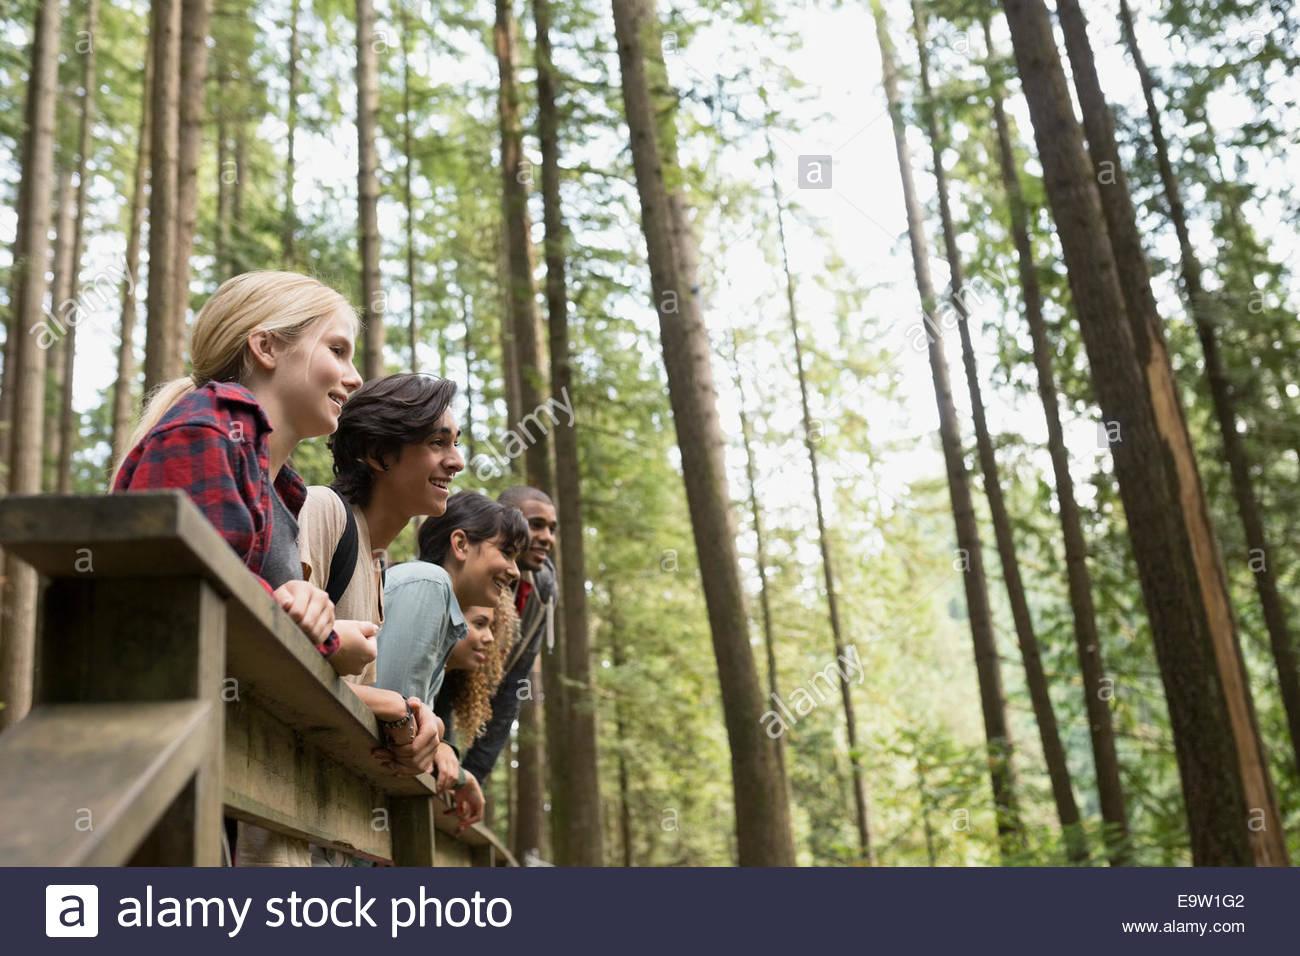 Freunde in einer Reihe am Steg im Wald Stockbild